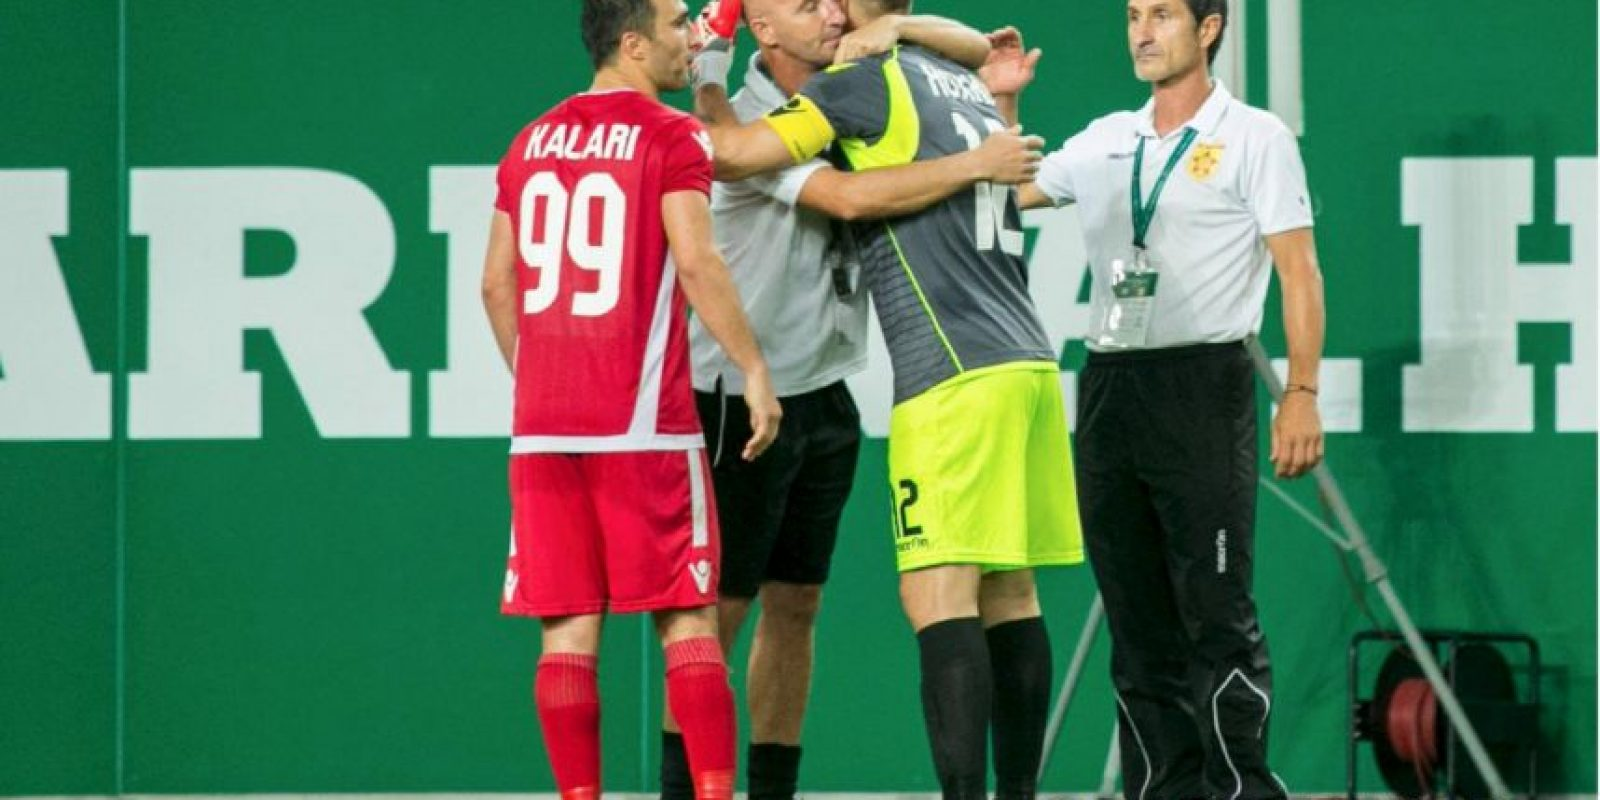 El arquero se lució en la ronda de penales Foto:Facebook Partizani